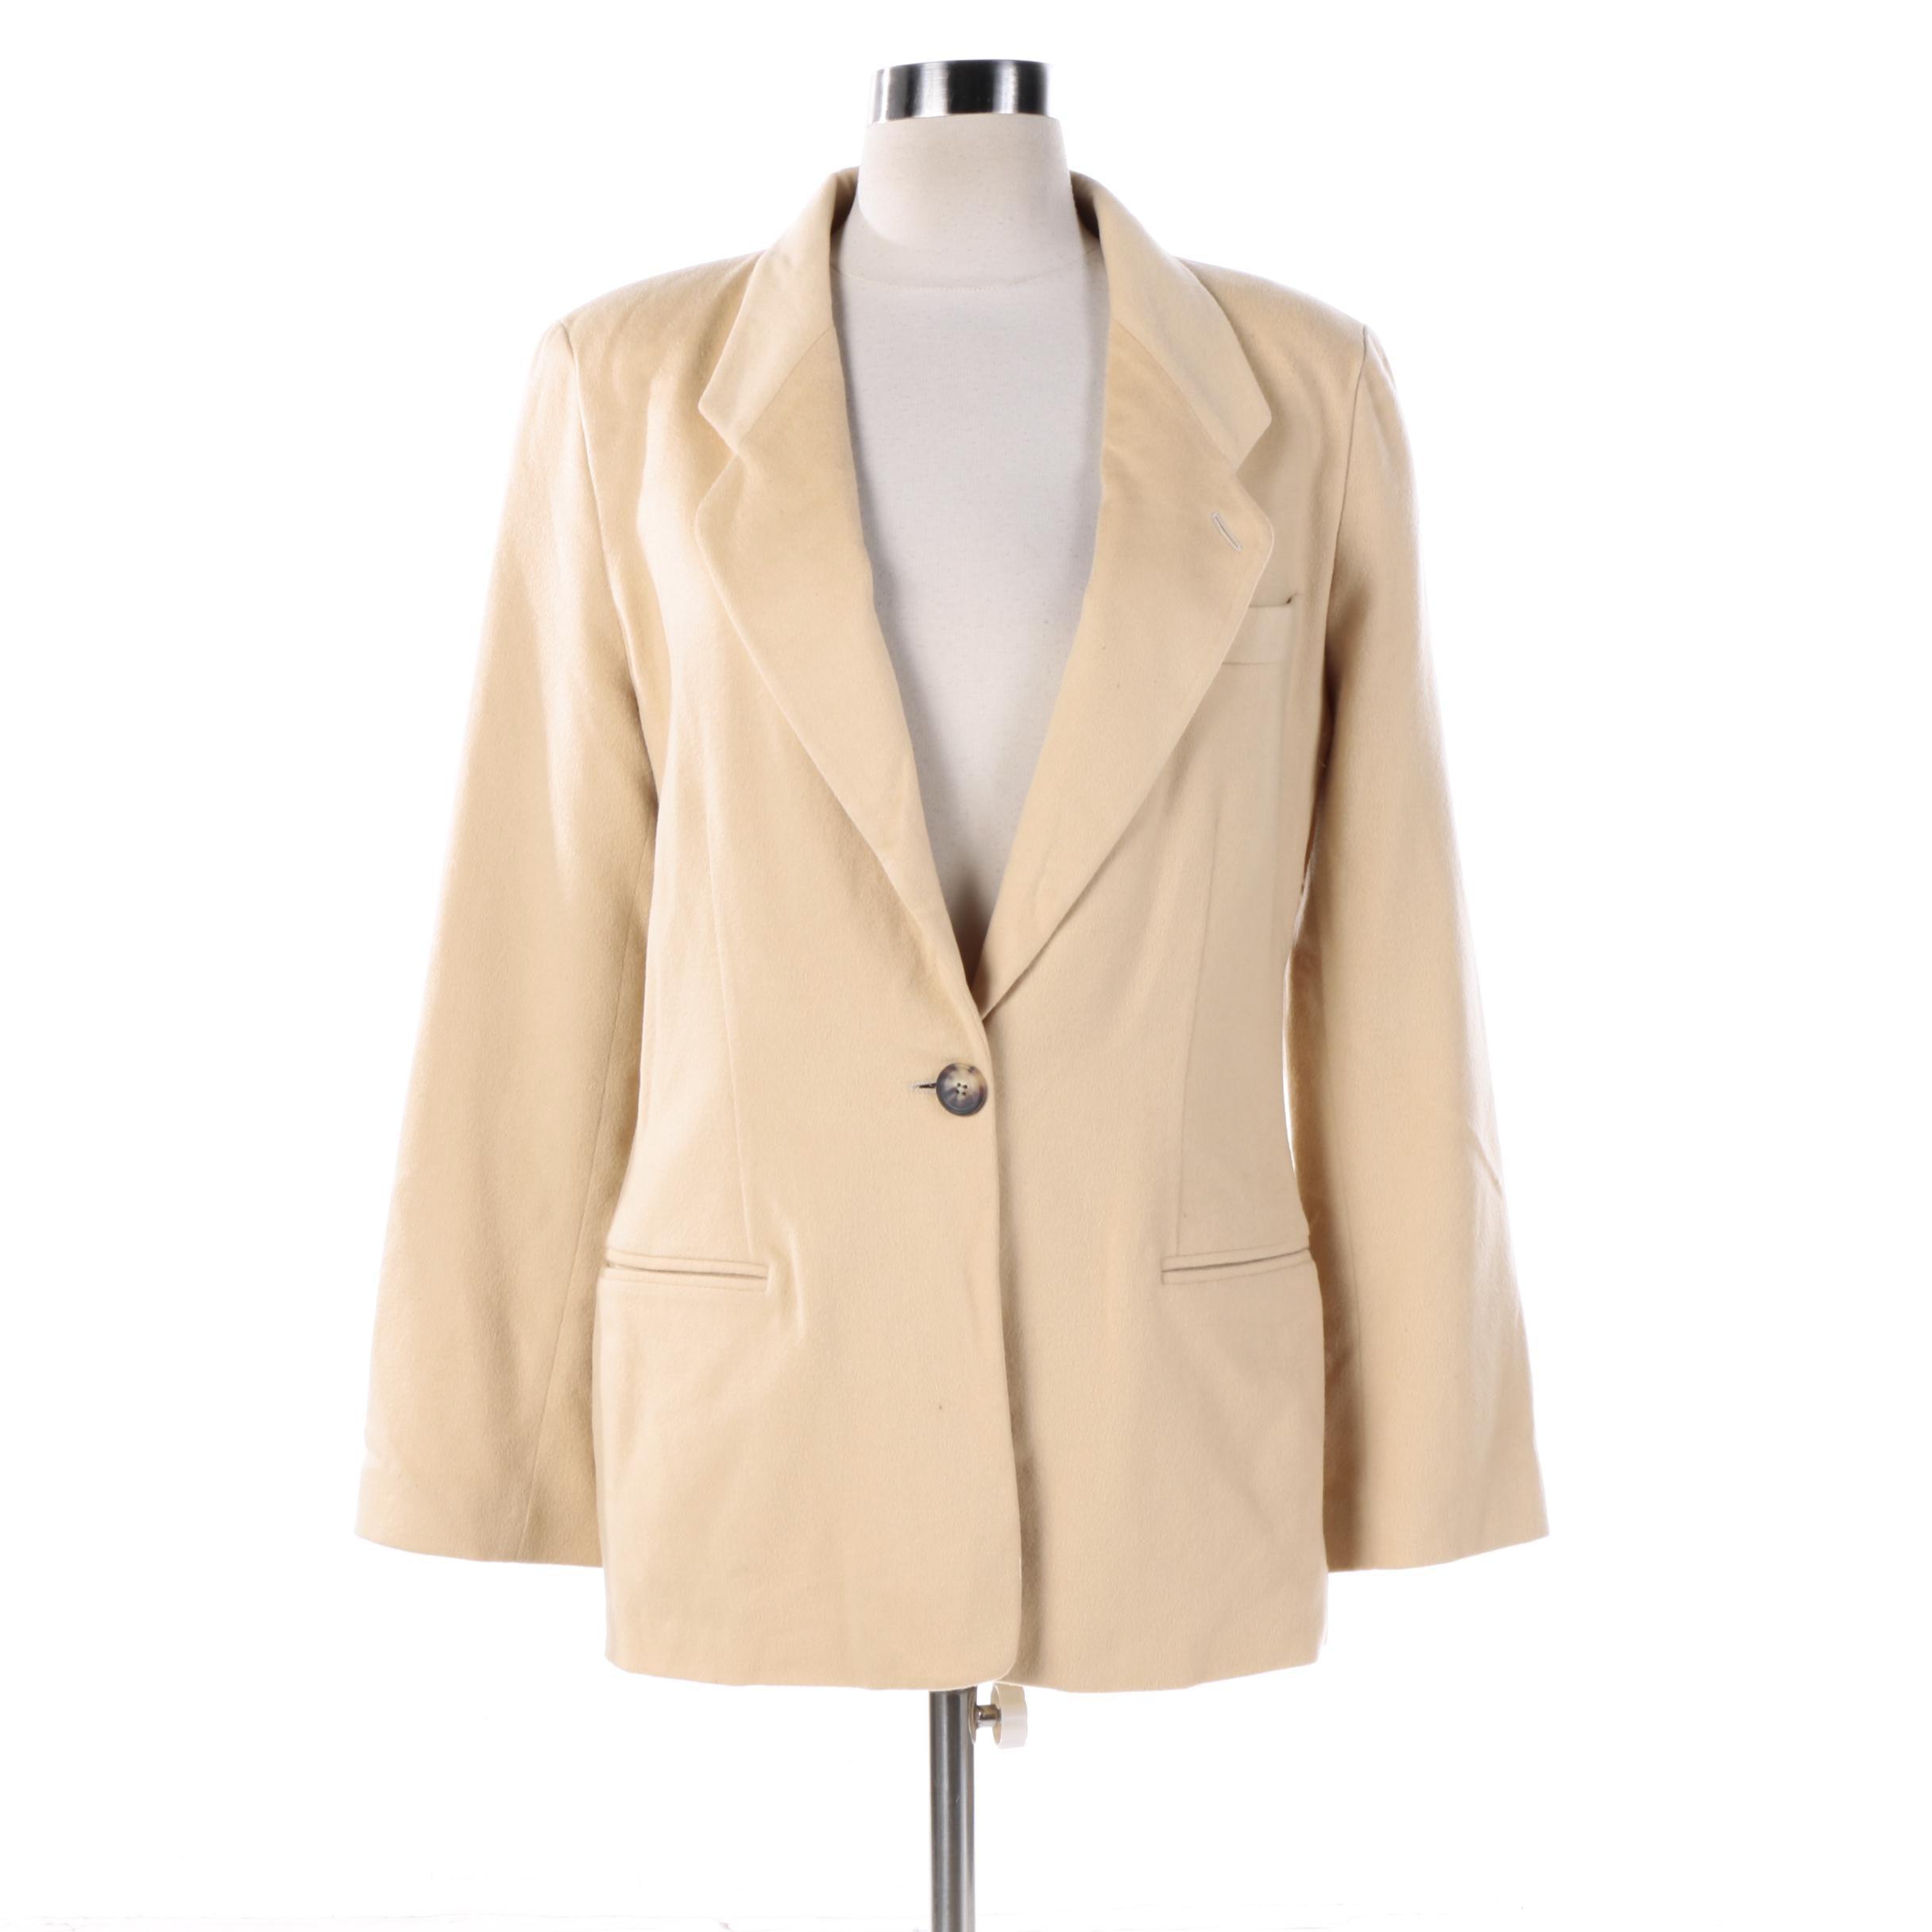 Women's Giorgio Armani Cream Cashmere Jacket